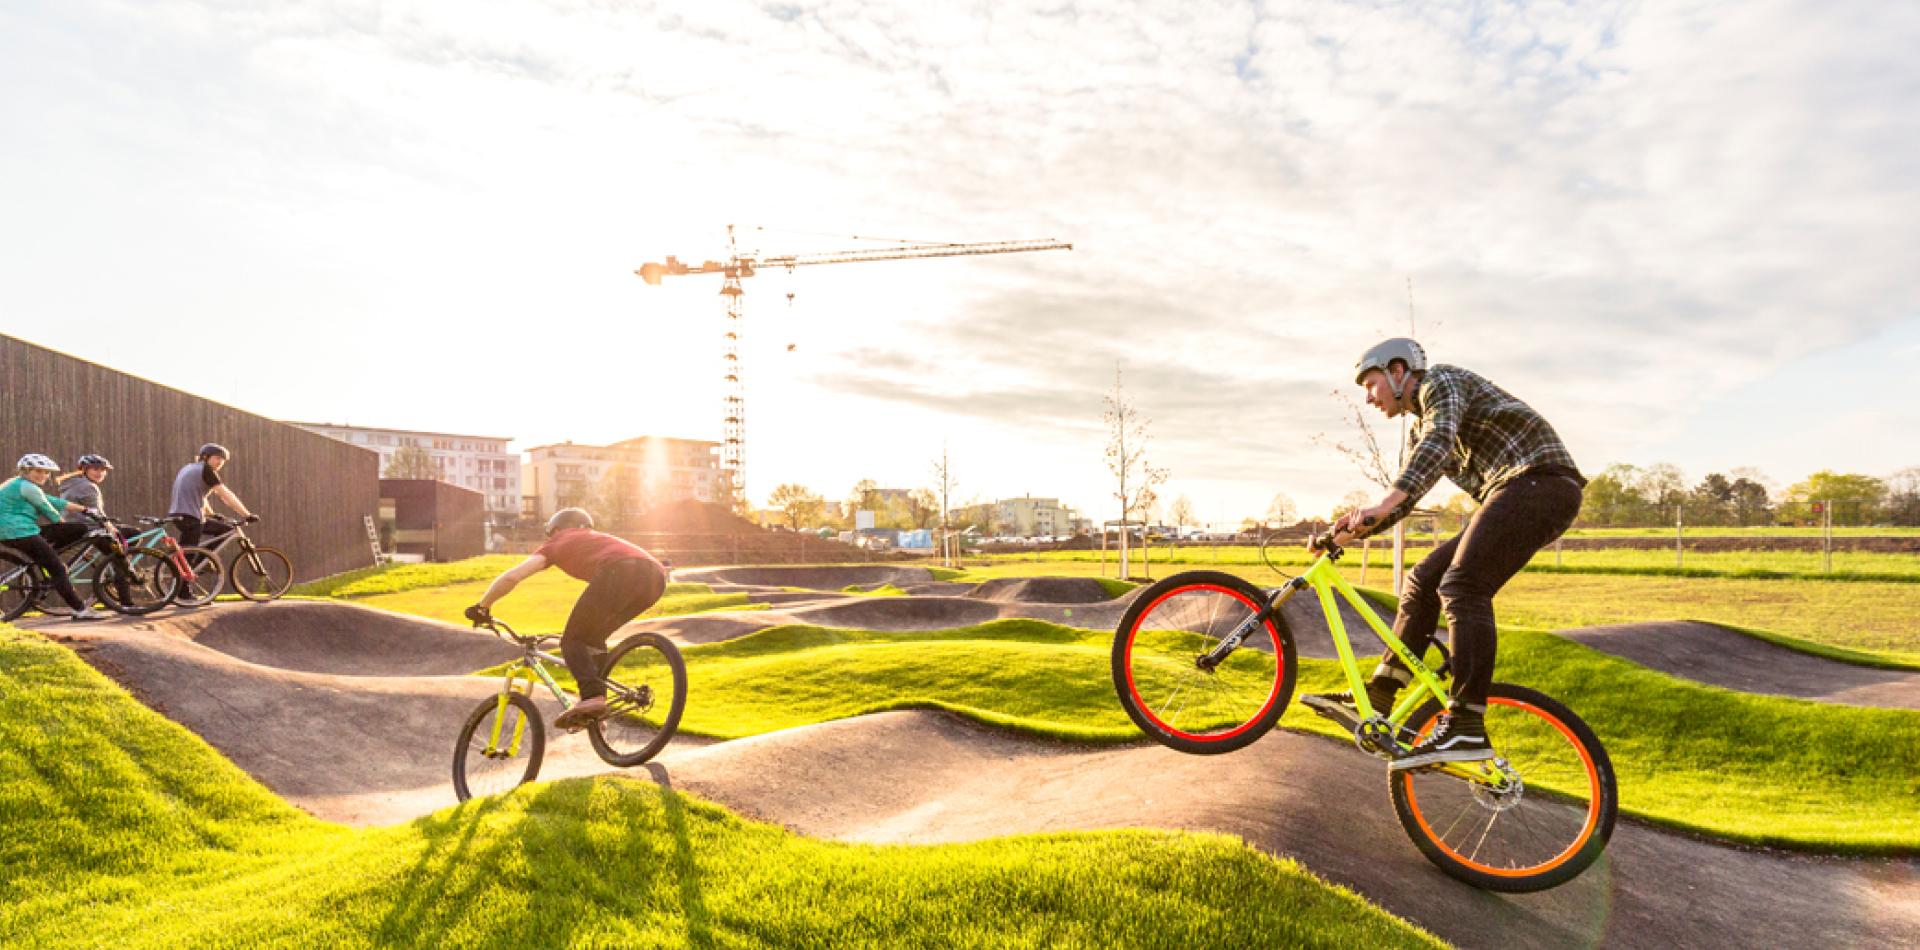 Fahrrad-Spielplatz-Radbezirk-Rhein-Neckar-Odenwald-Radsport-Radspielplätze